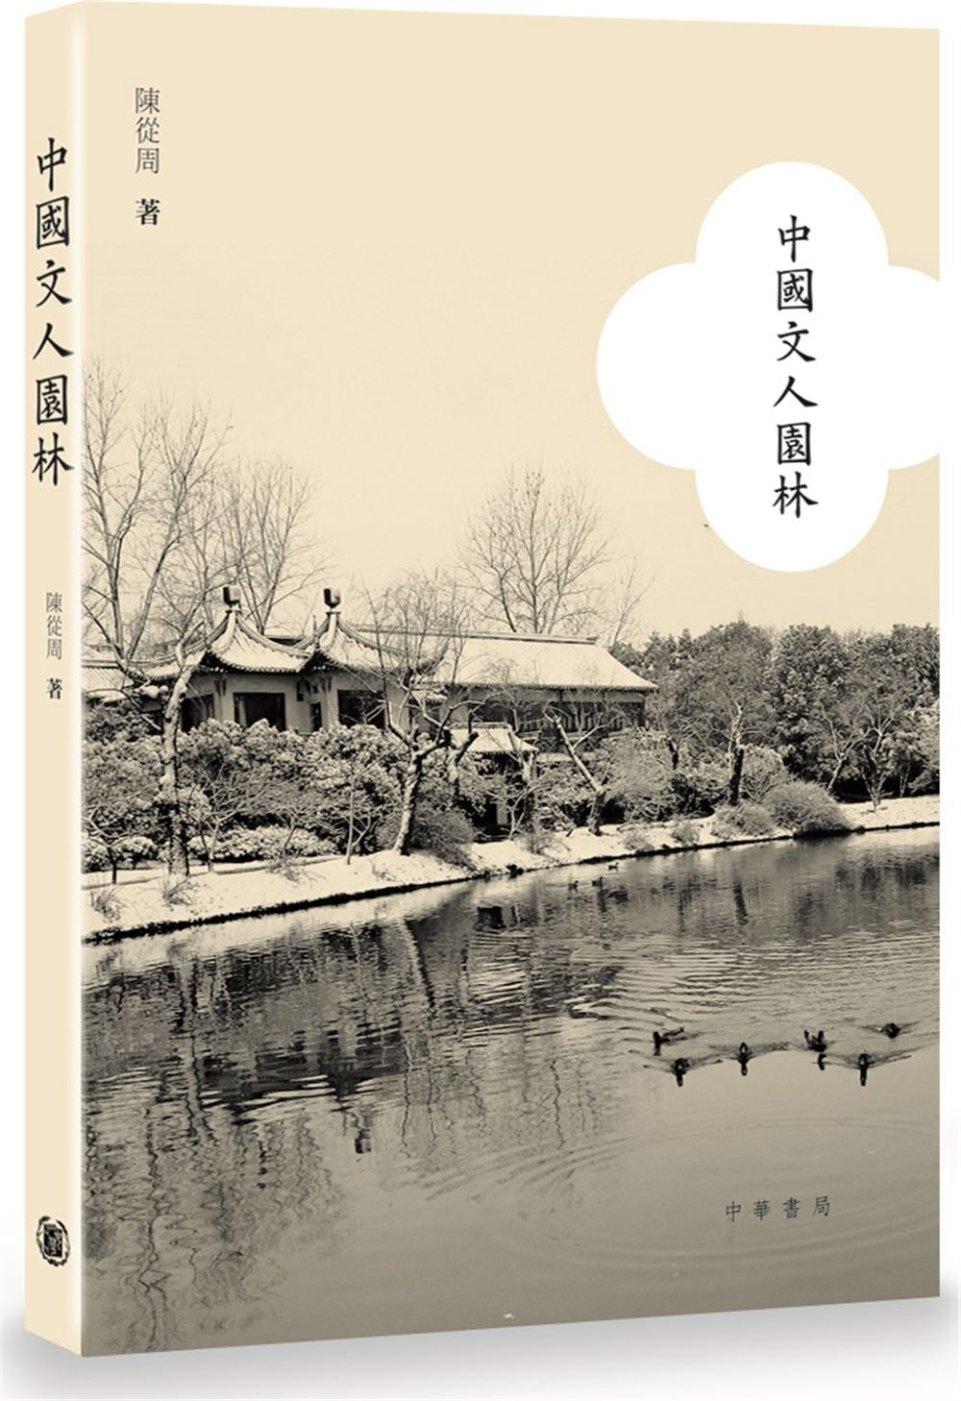 中國文人園林